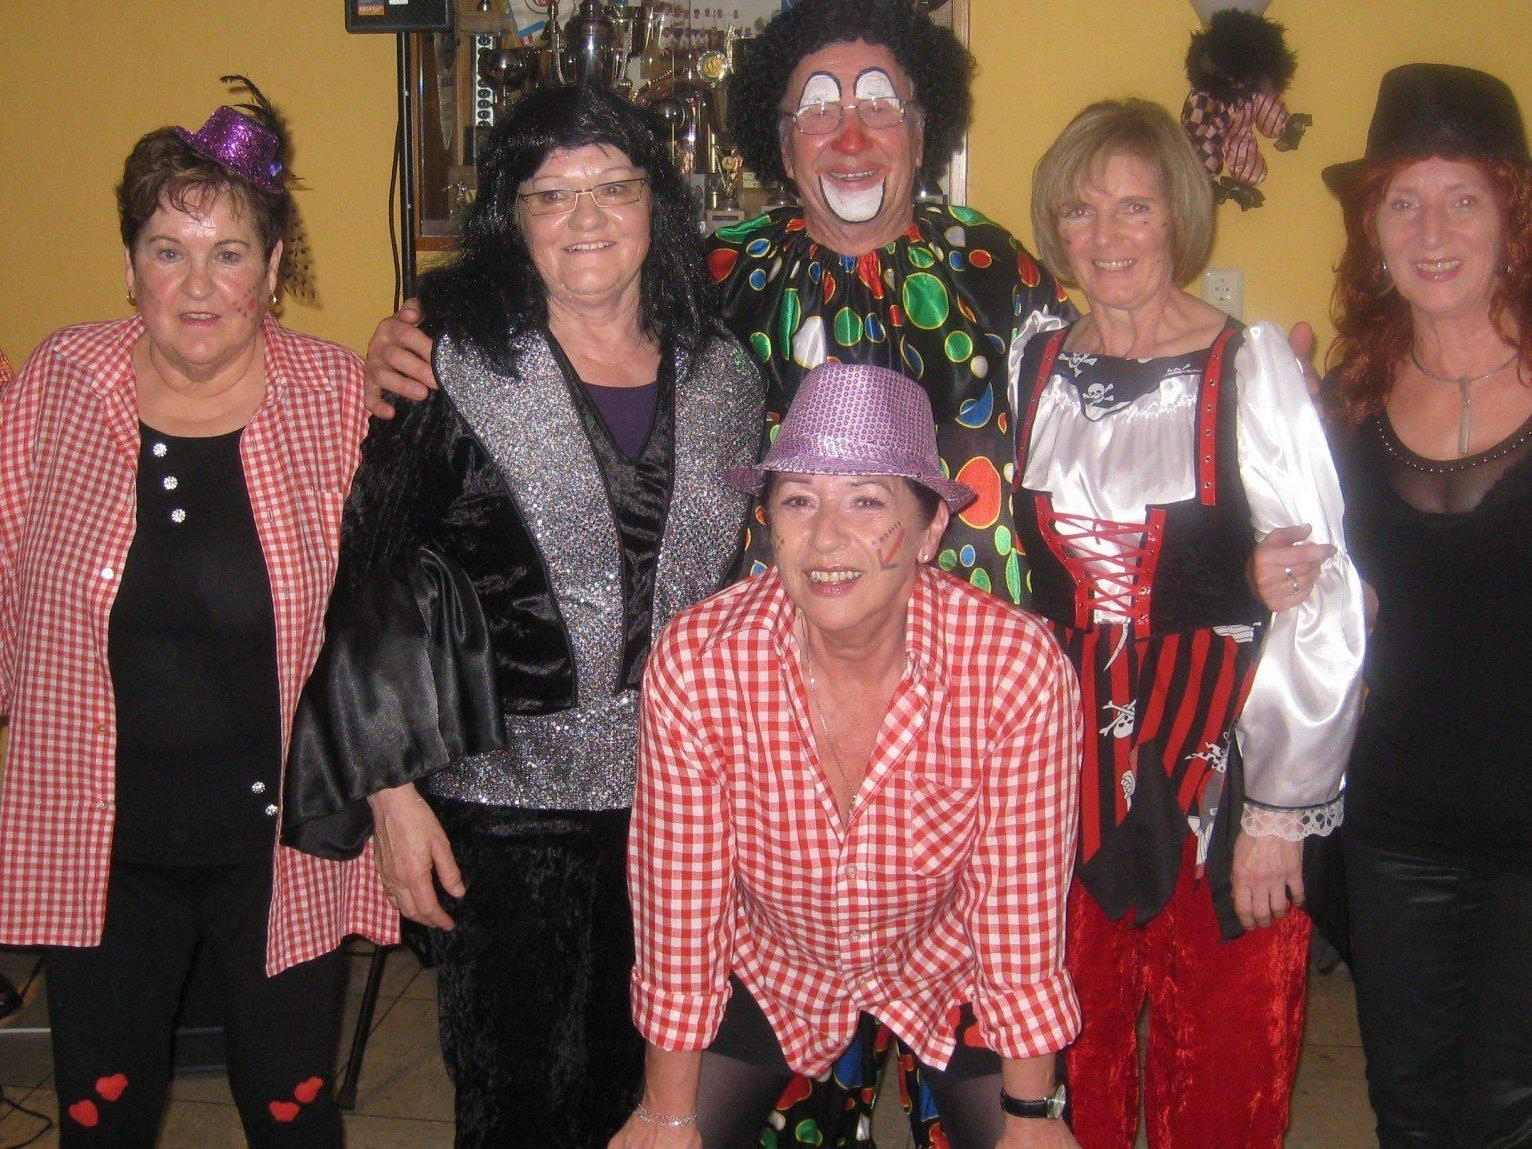 Eine tolle Faschingsfeier hatten die Mitgliedes des PVÖ-Rheindelta